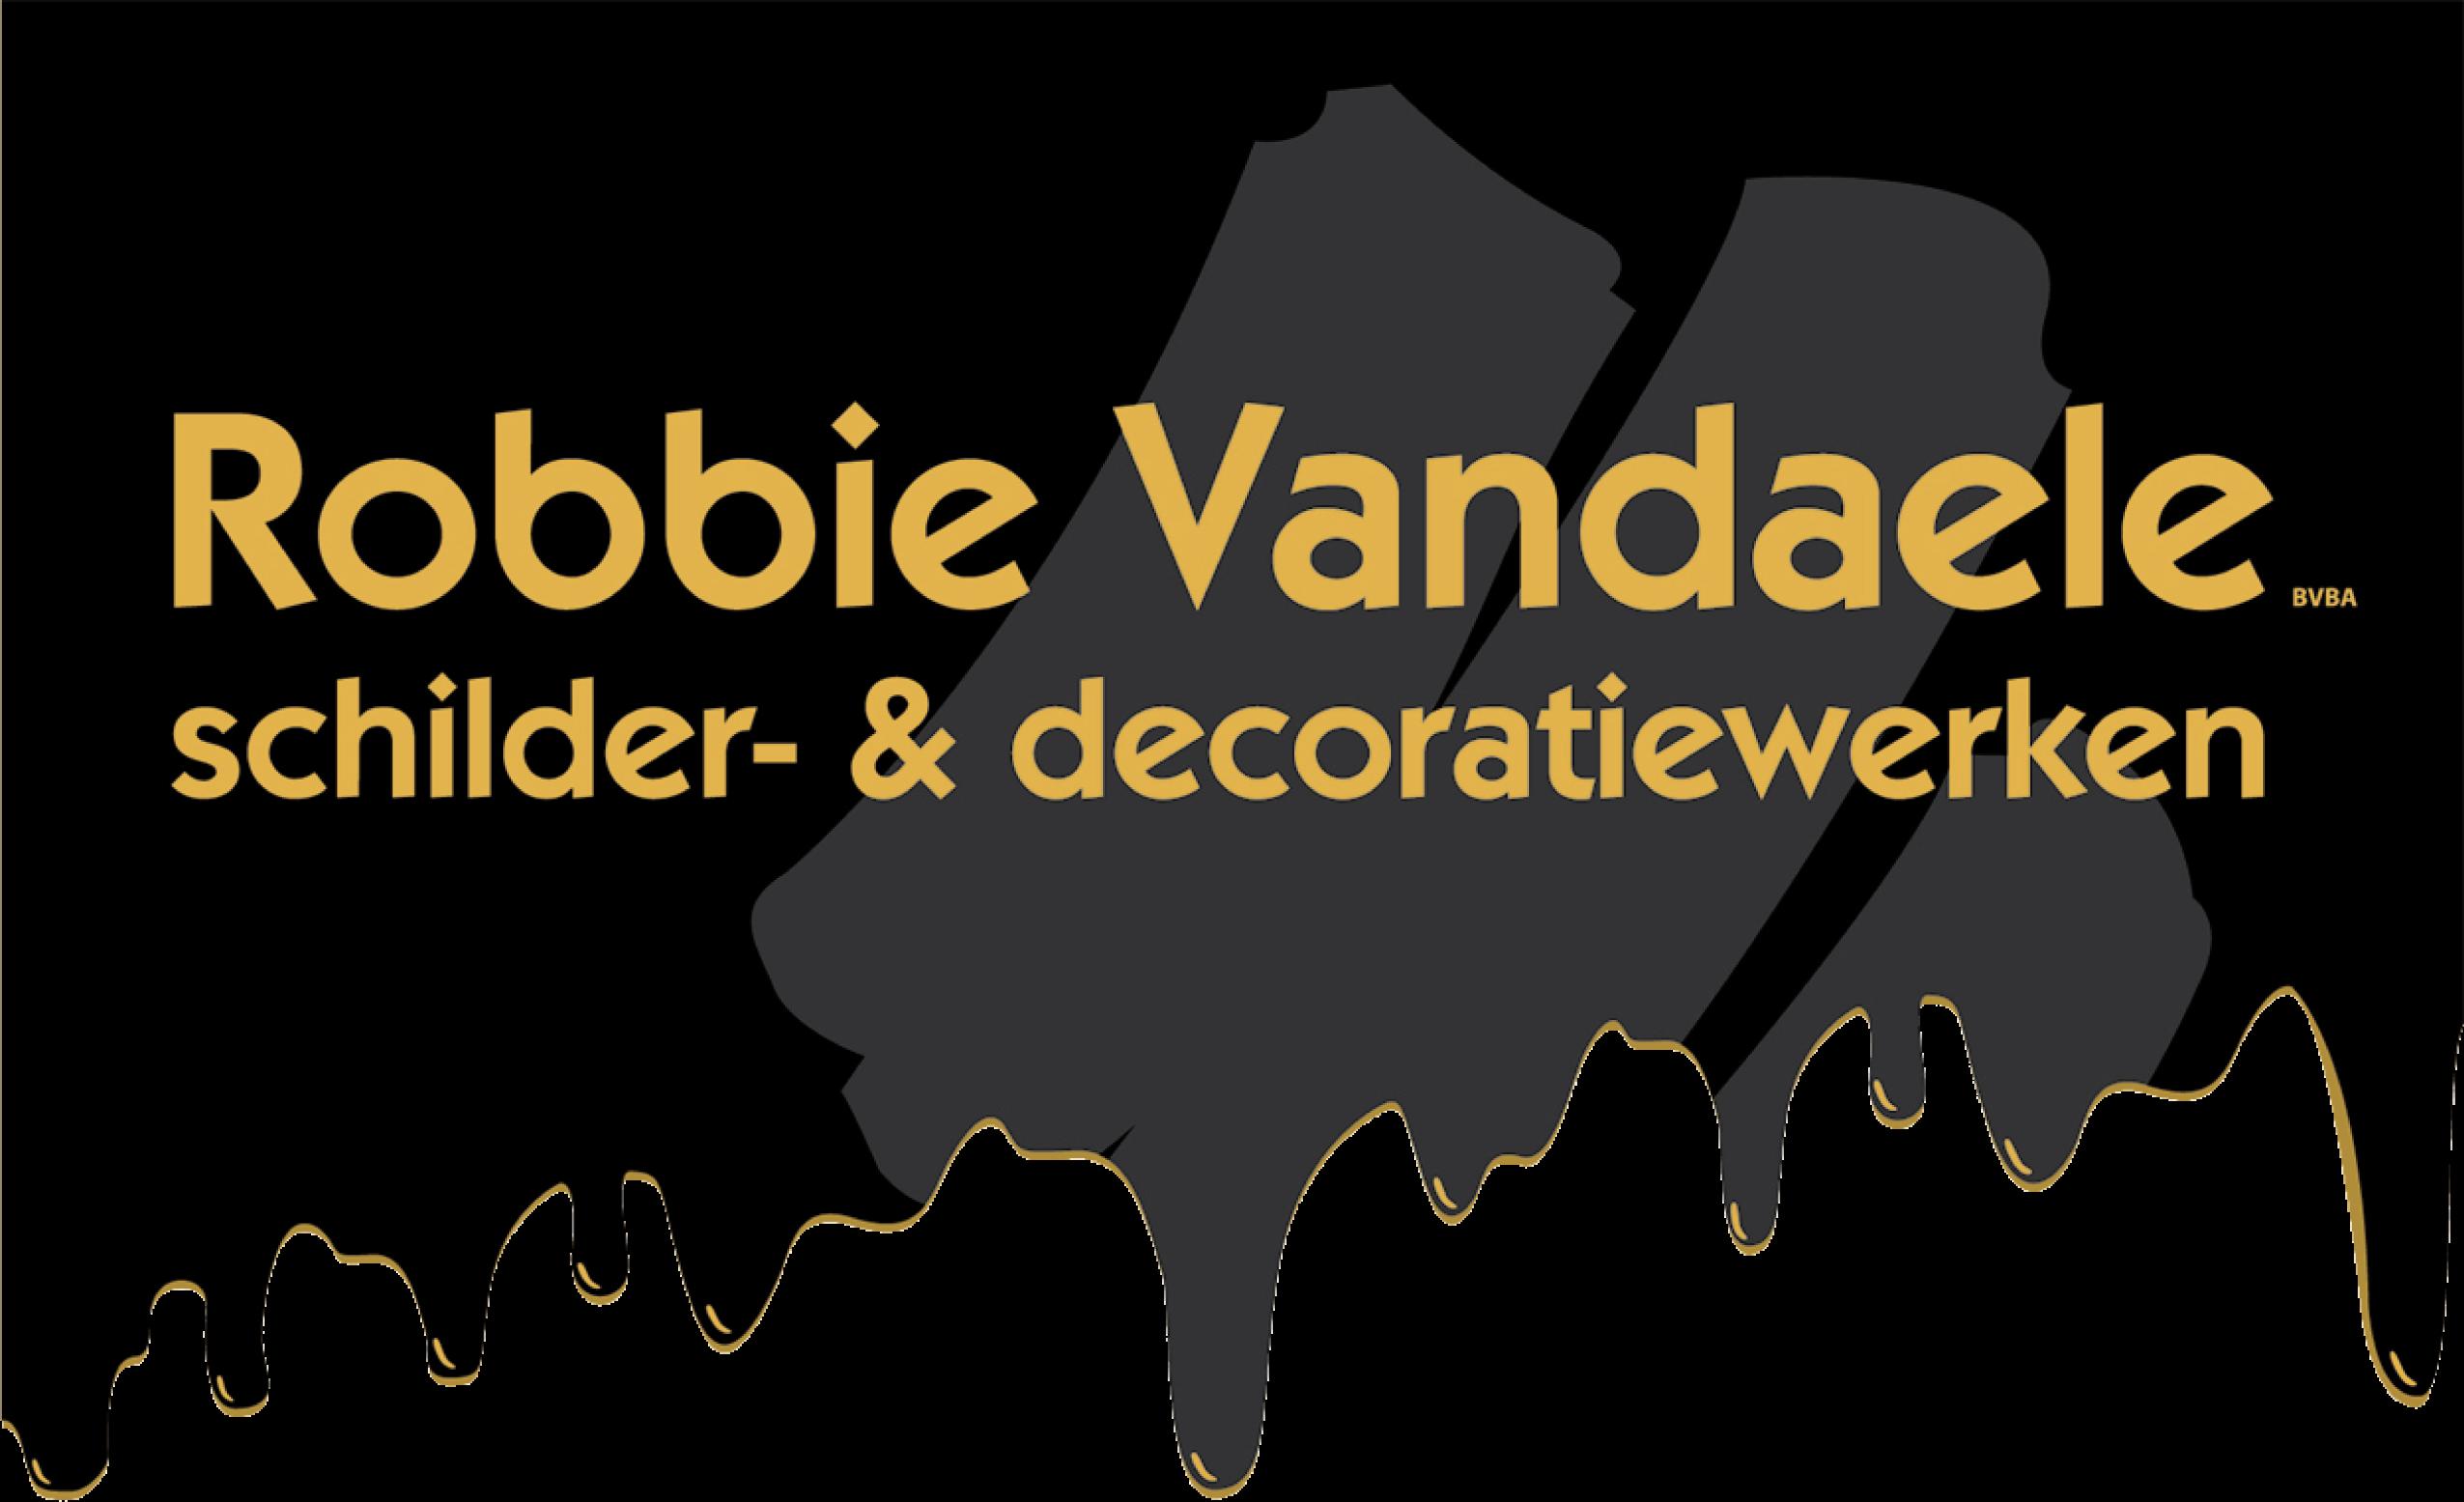 logo schilderwerken Vandaele